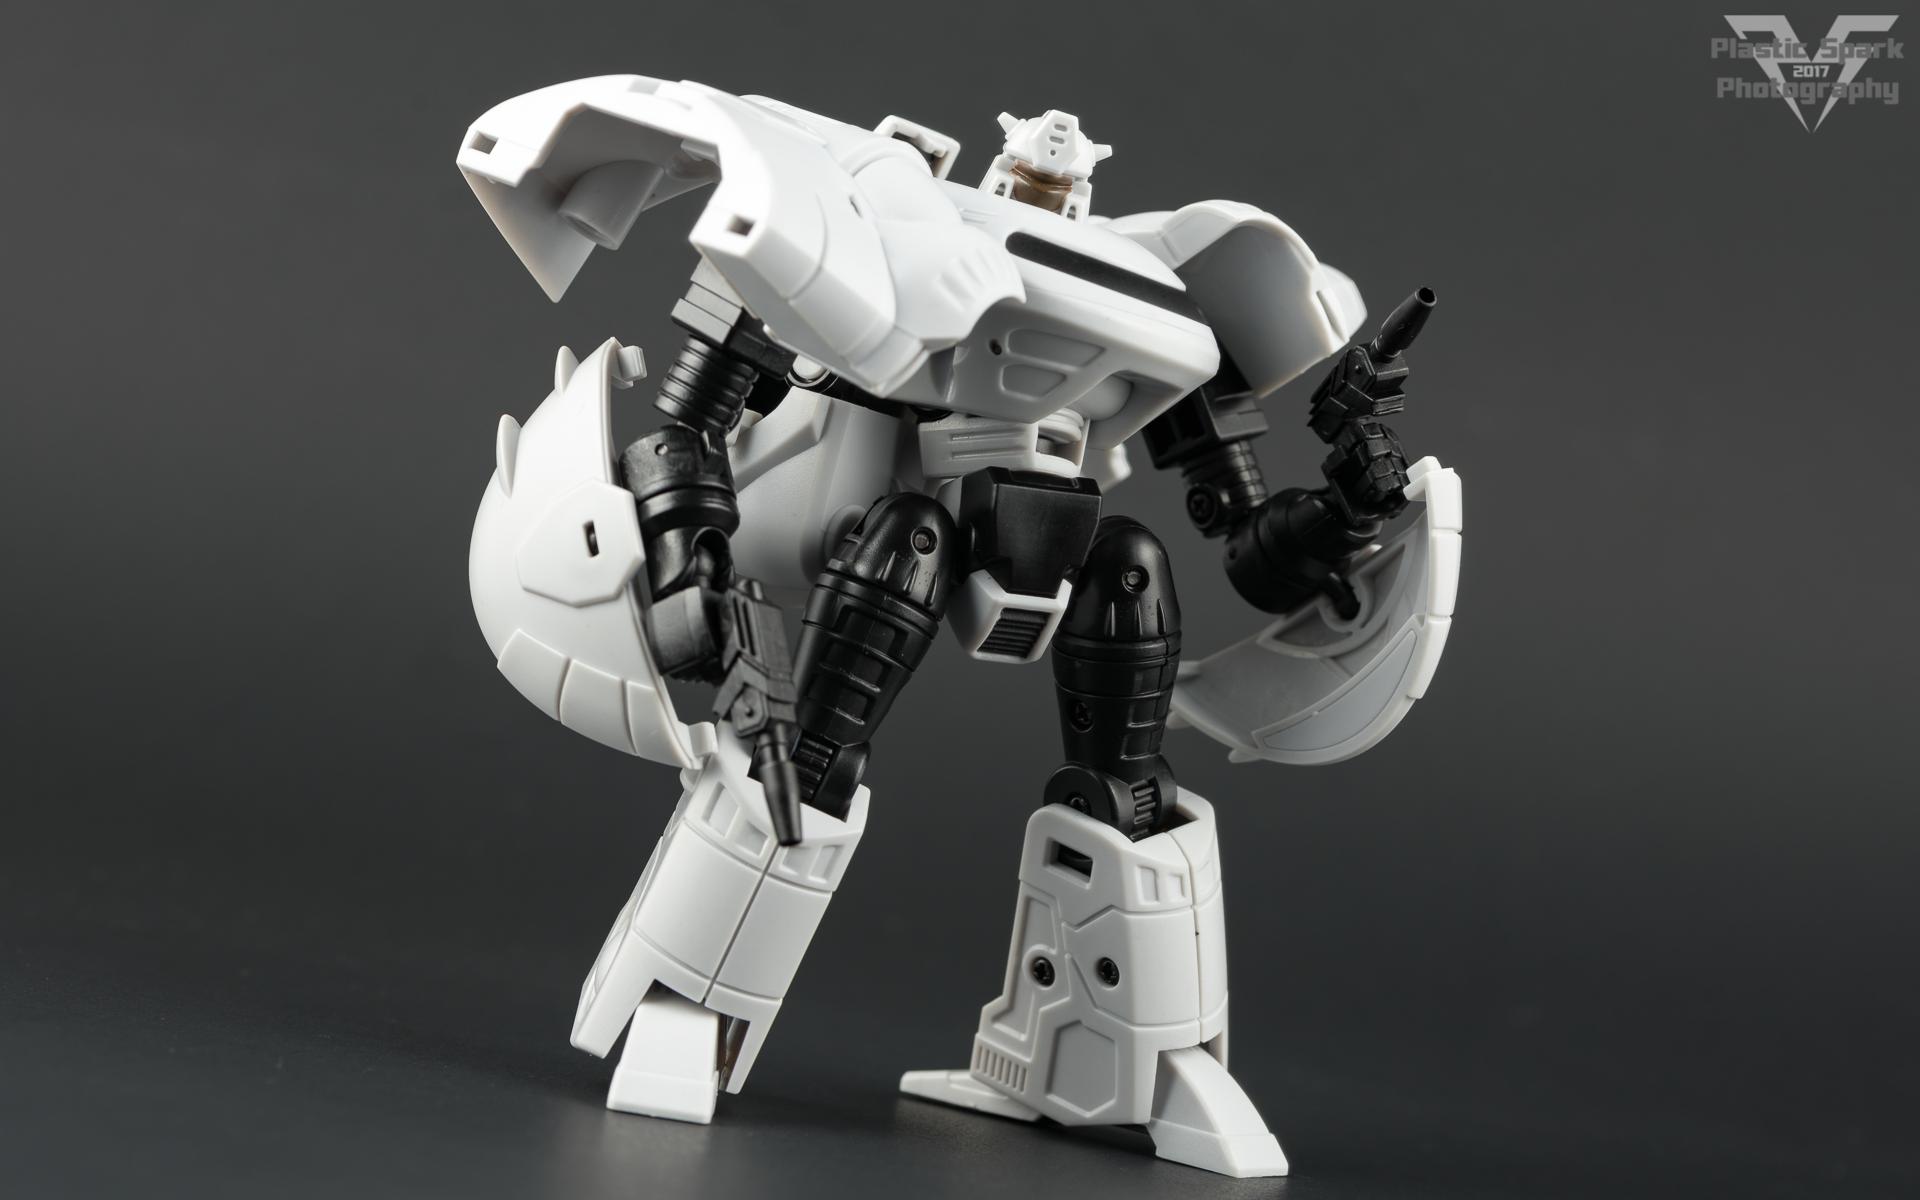 MAAS-Toys-Volk-(9-of-36).png